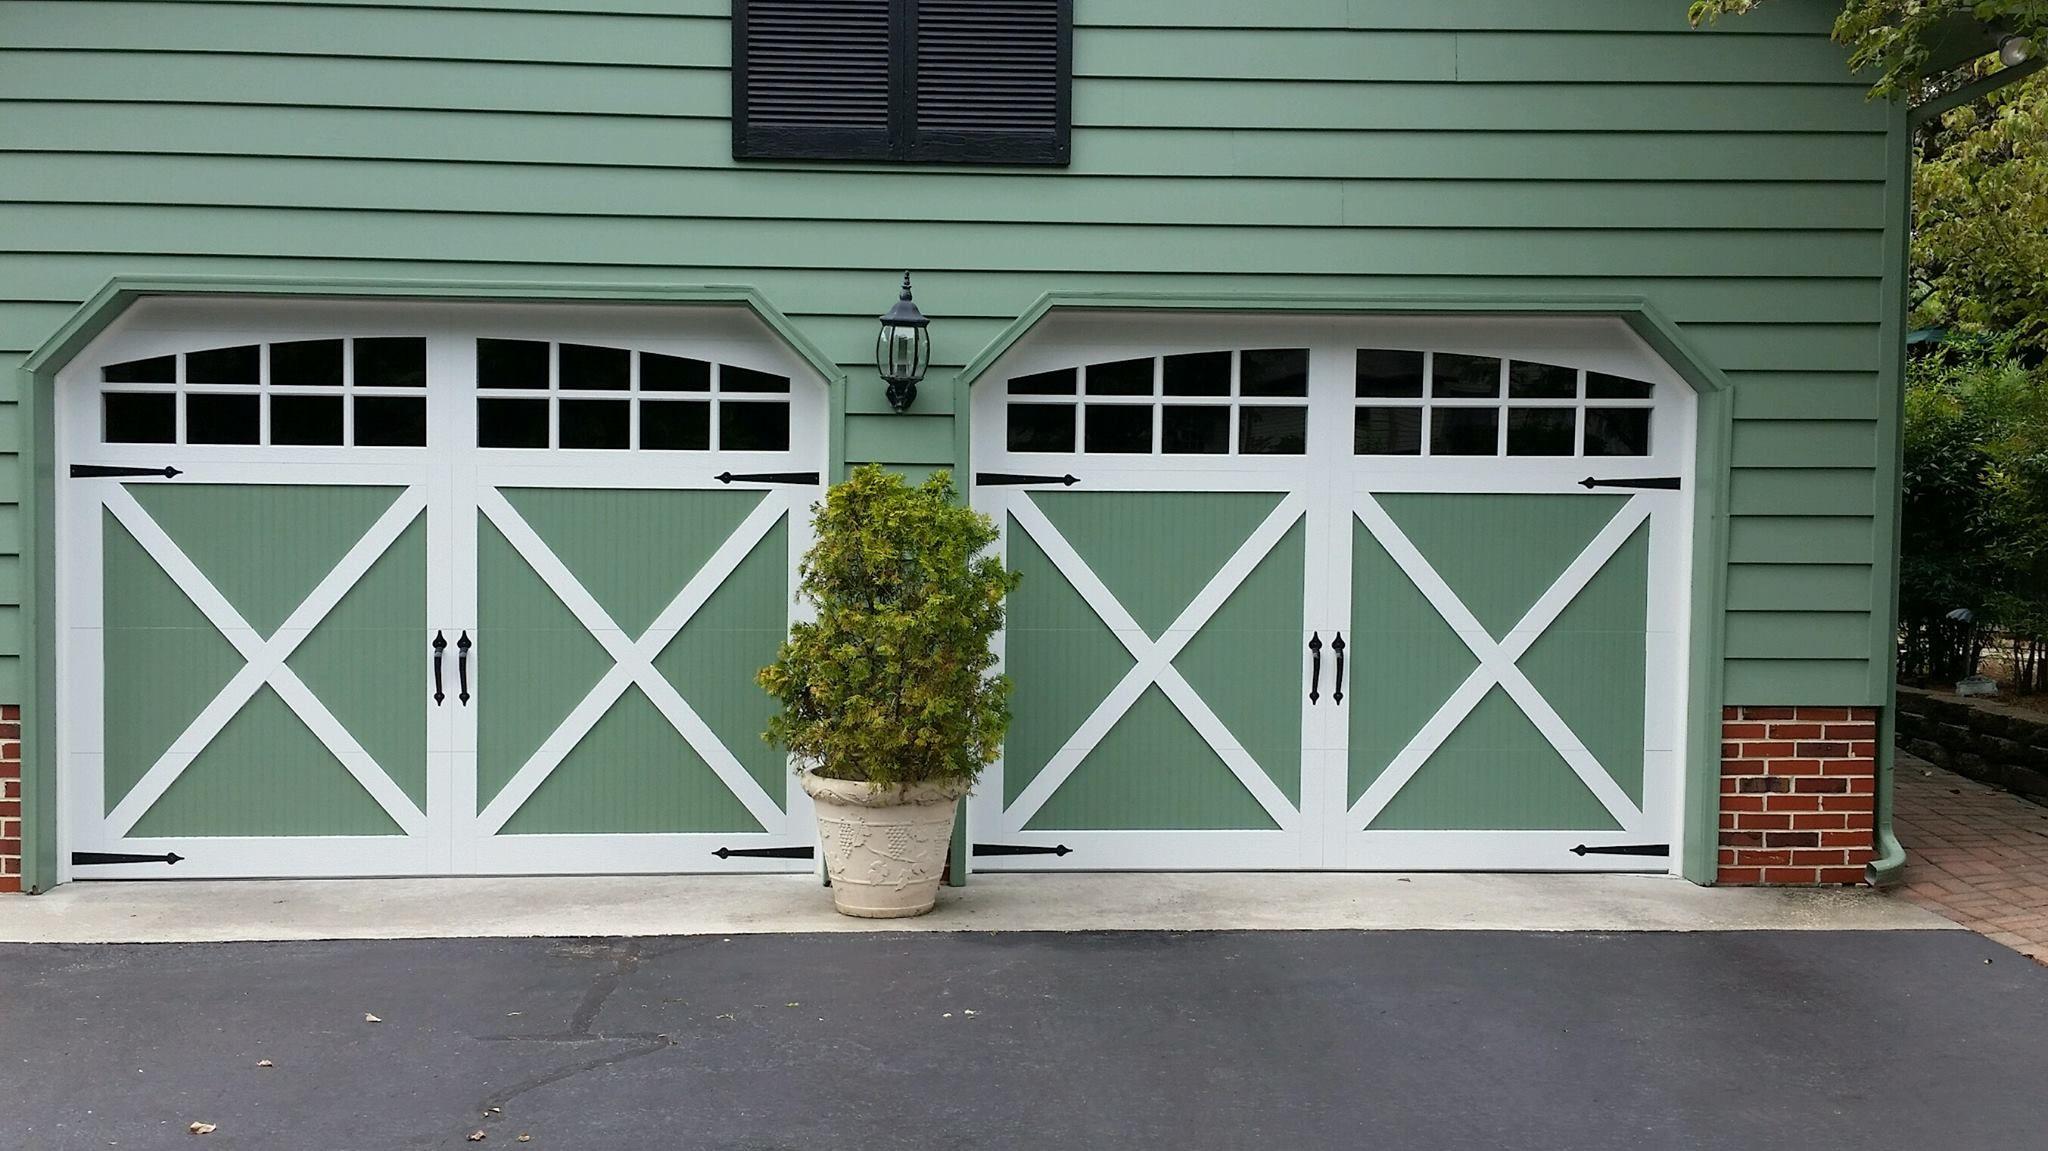 Incroyable Garage Doors In Delaware   Ju0026A Overhead Door, Inc.